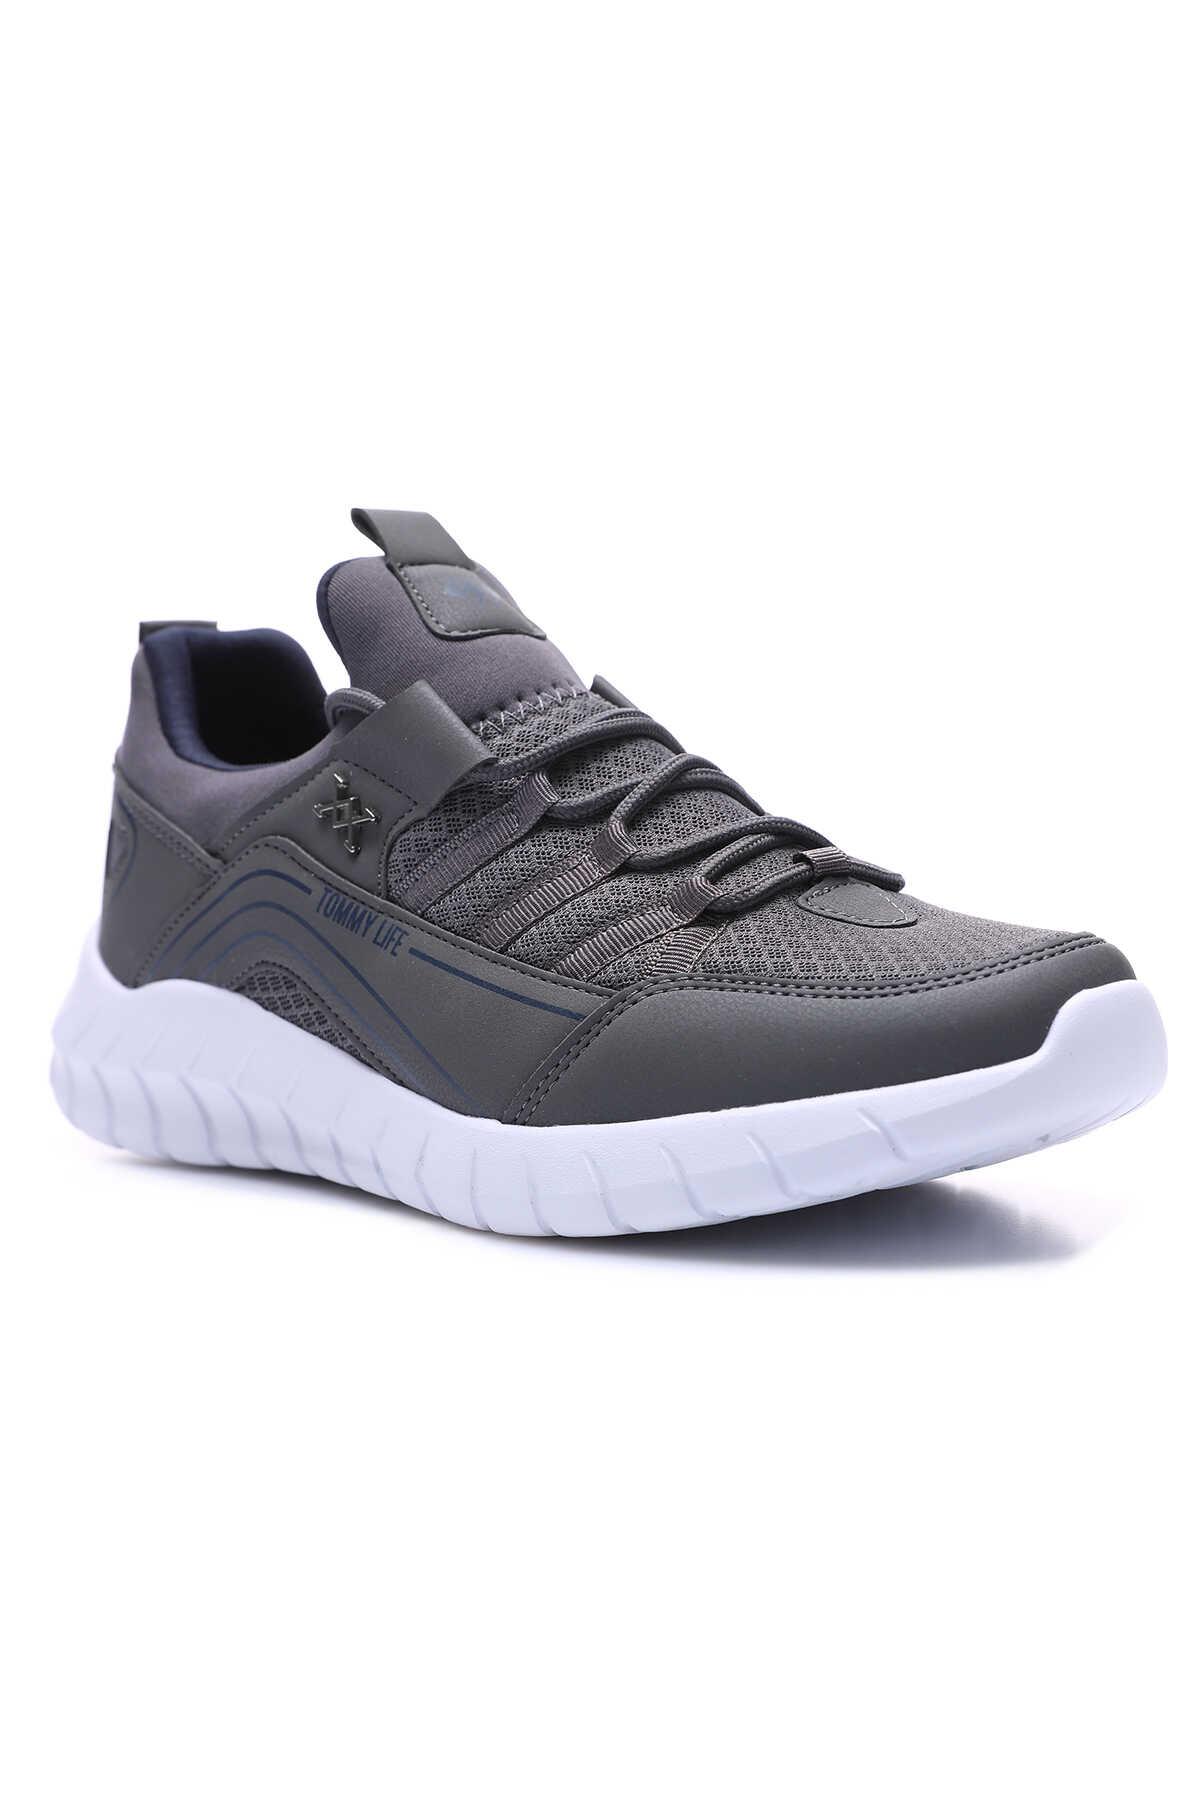 Tommy Life Toptan Füme Erkek Bağcıklı Yüksek Taban Spor Ayakkabı - 89043_1